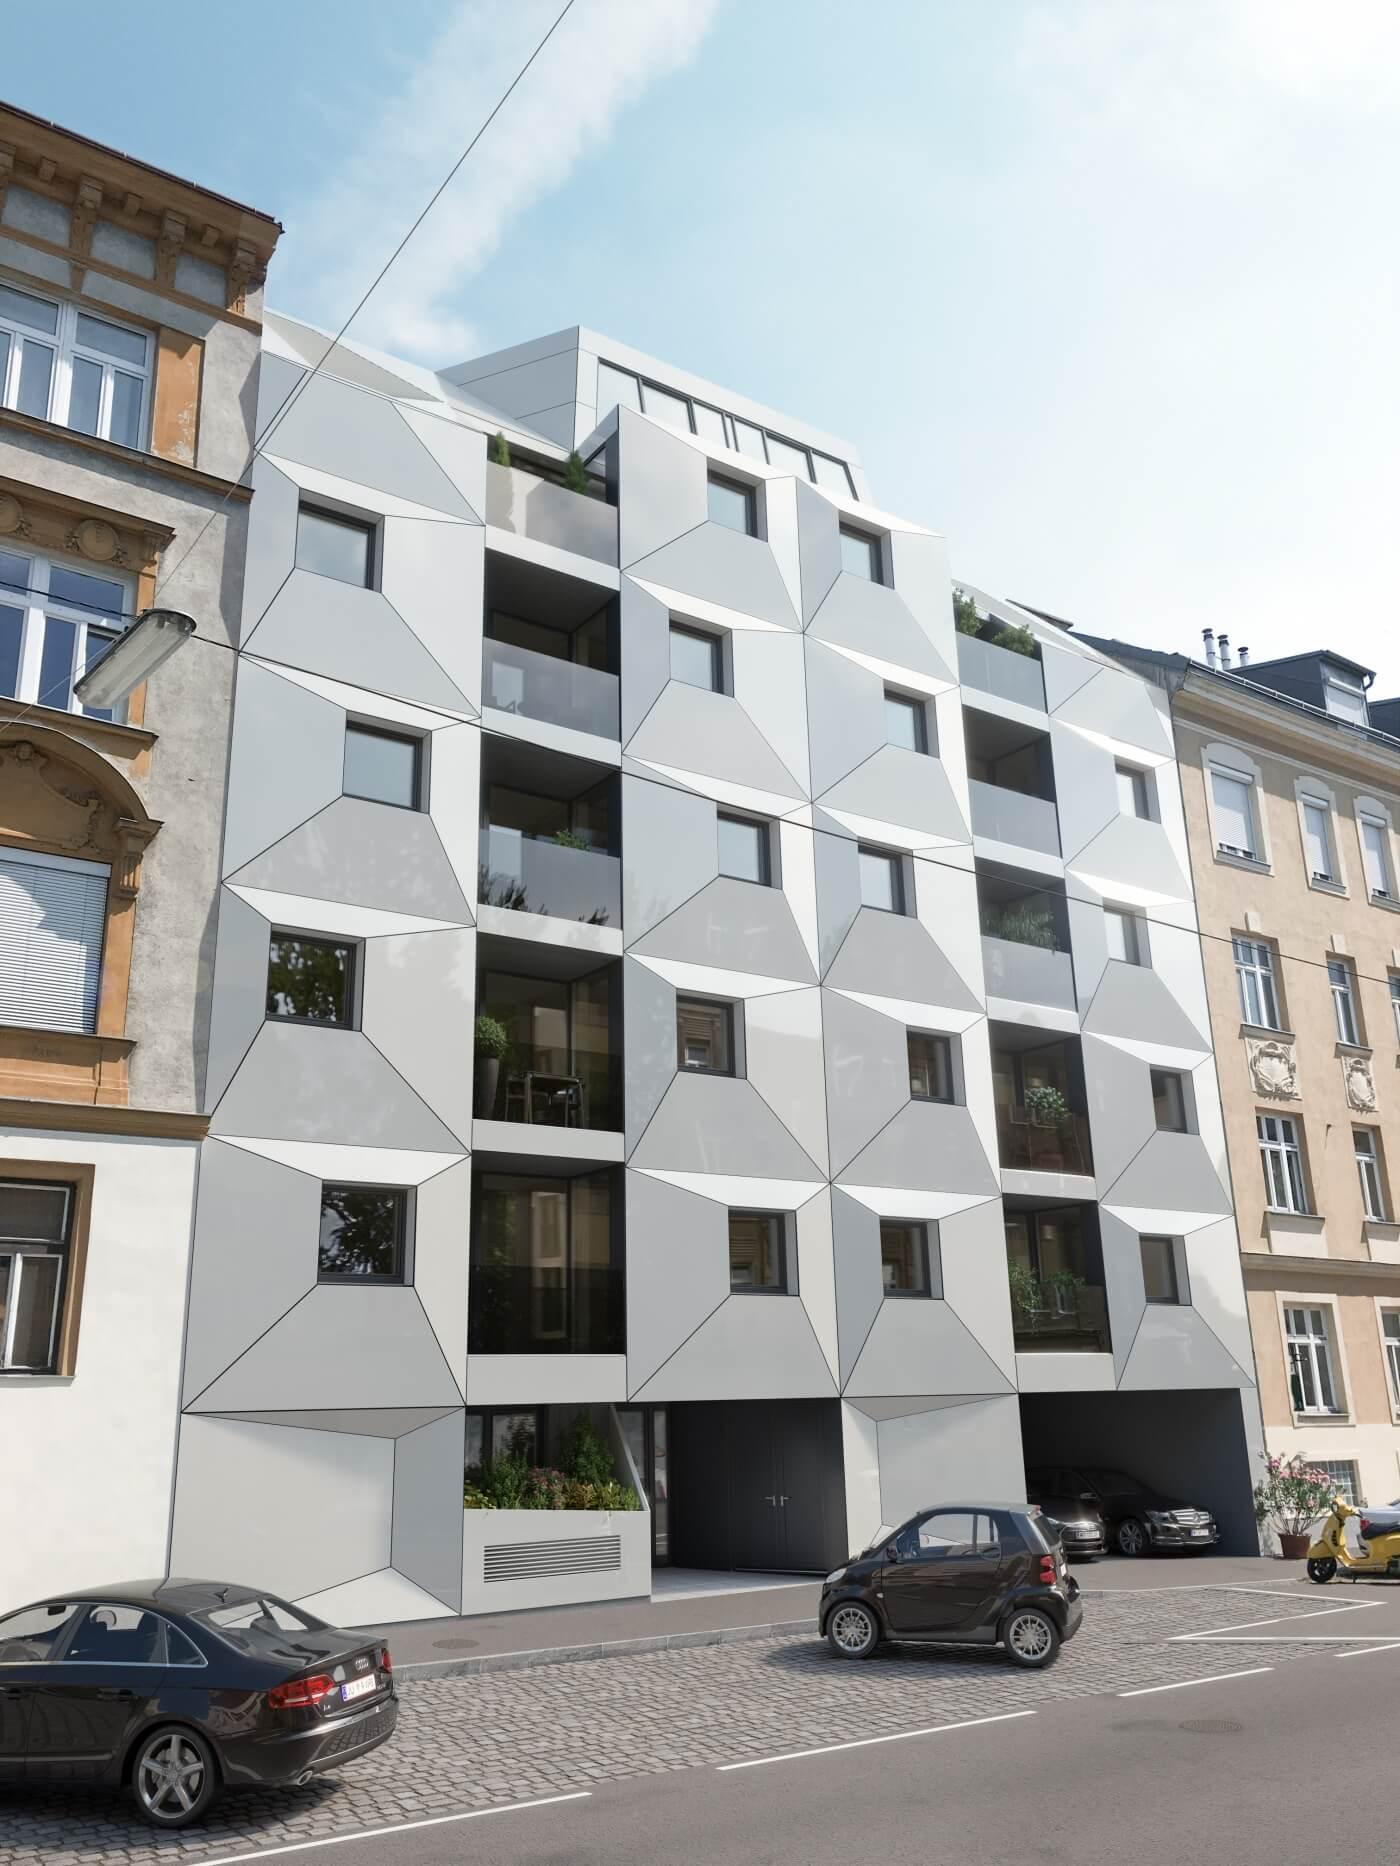 Neubauprojekt Penthouse Anlegerwohnungen Eigentumswohnungen Albrechtskreithgasse 38